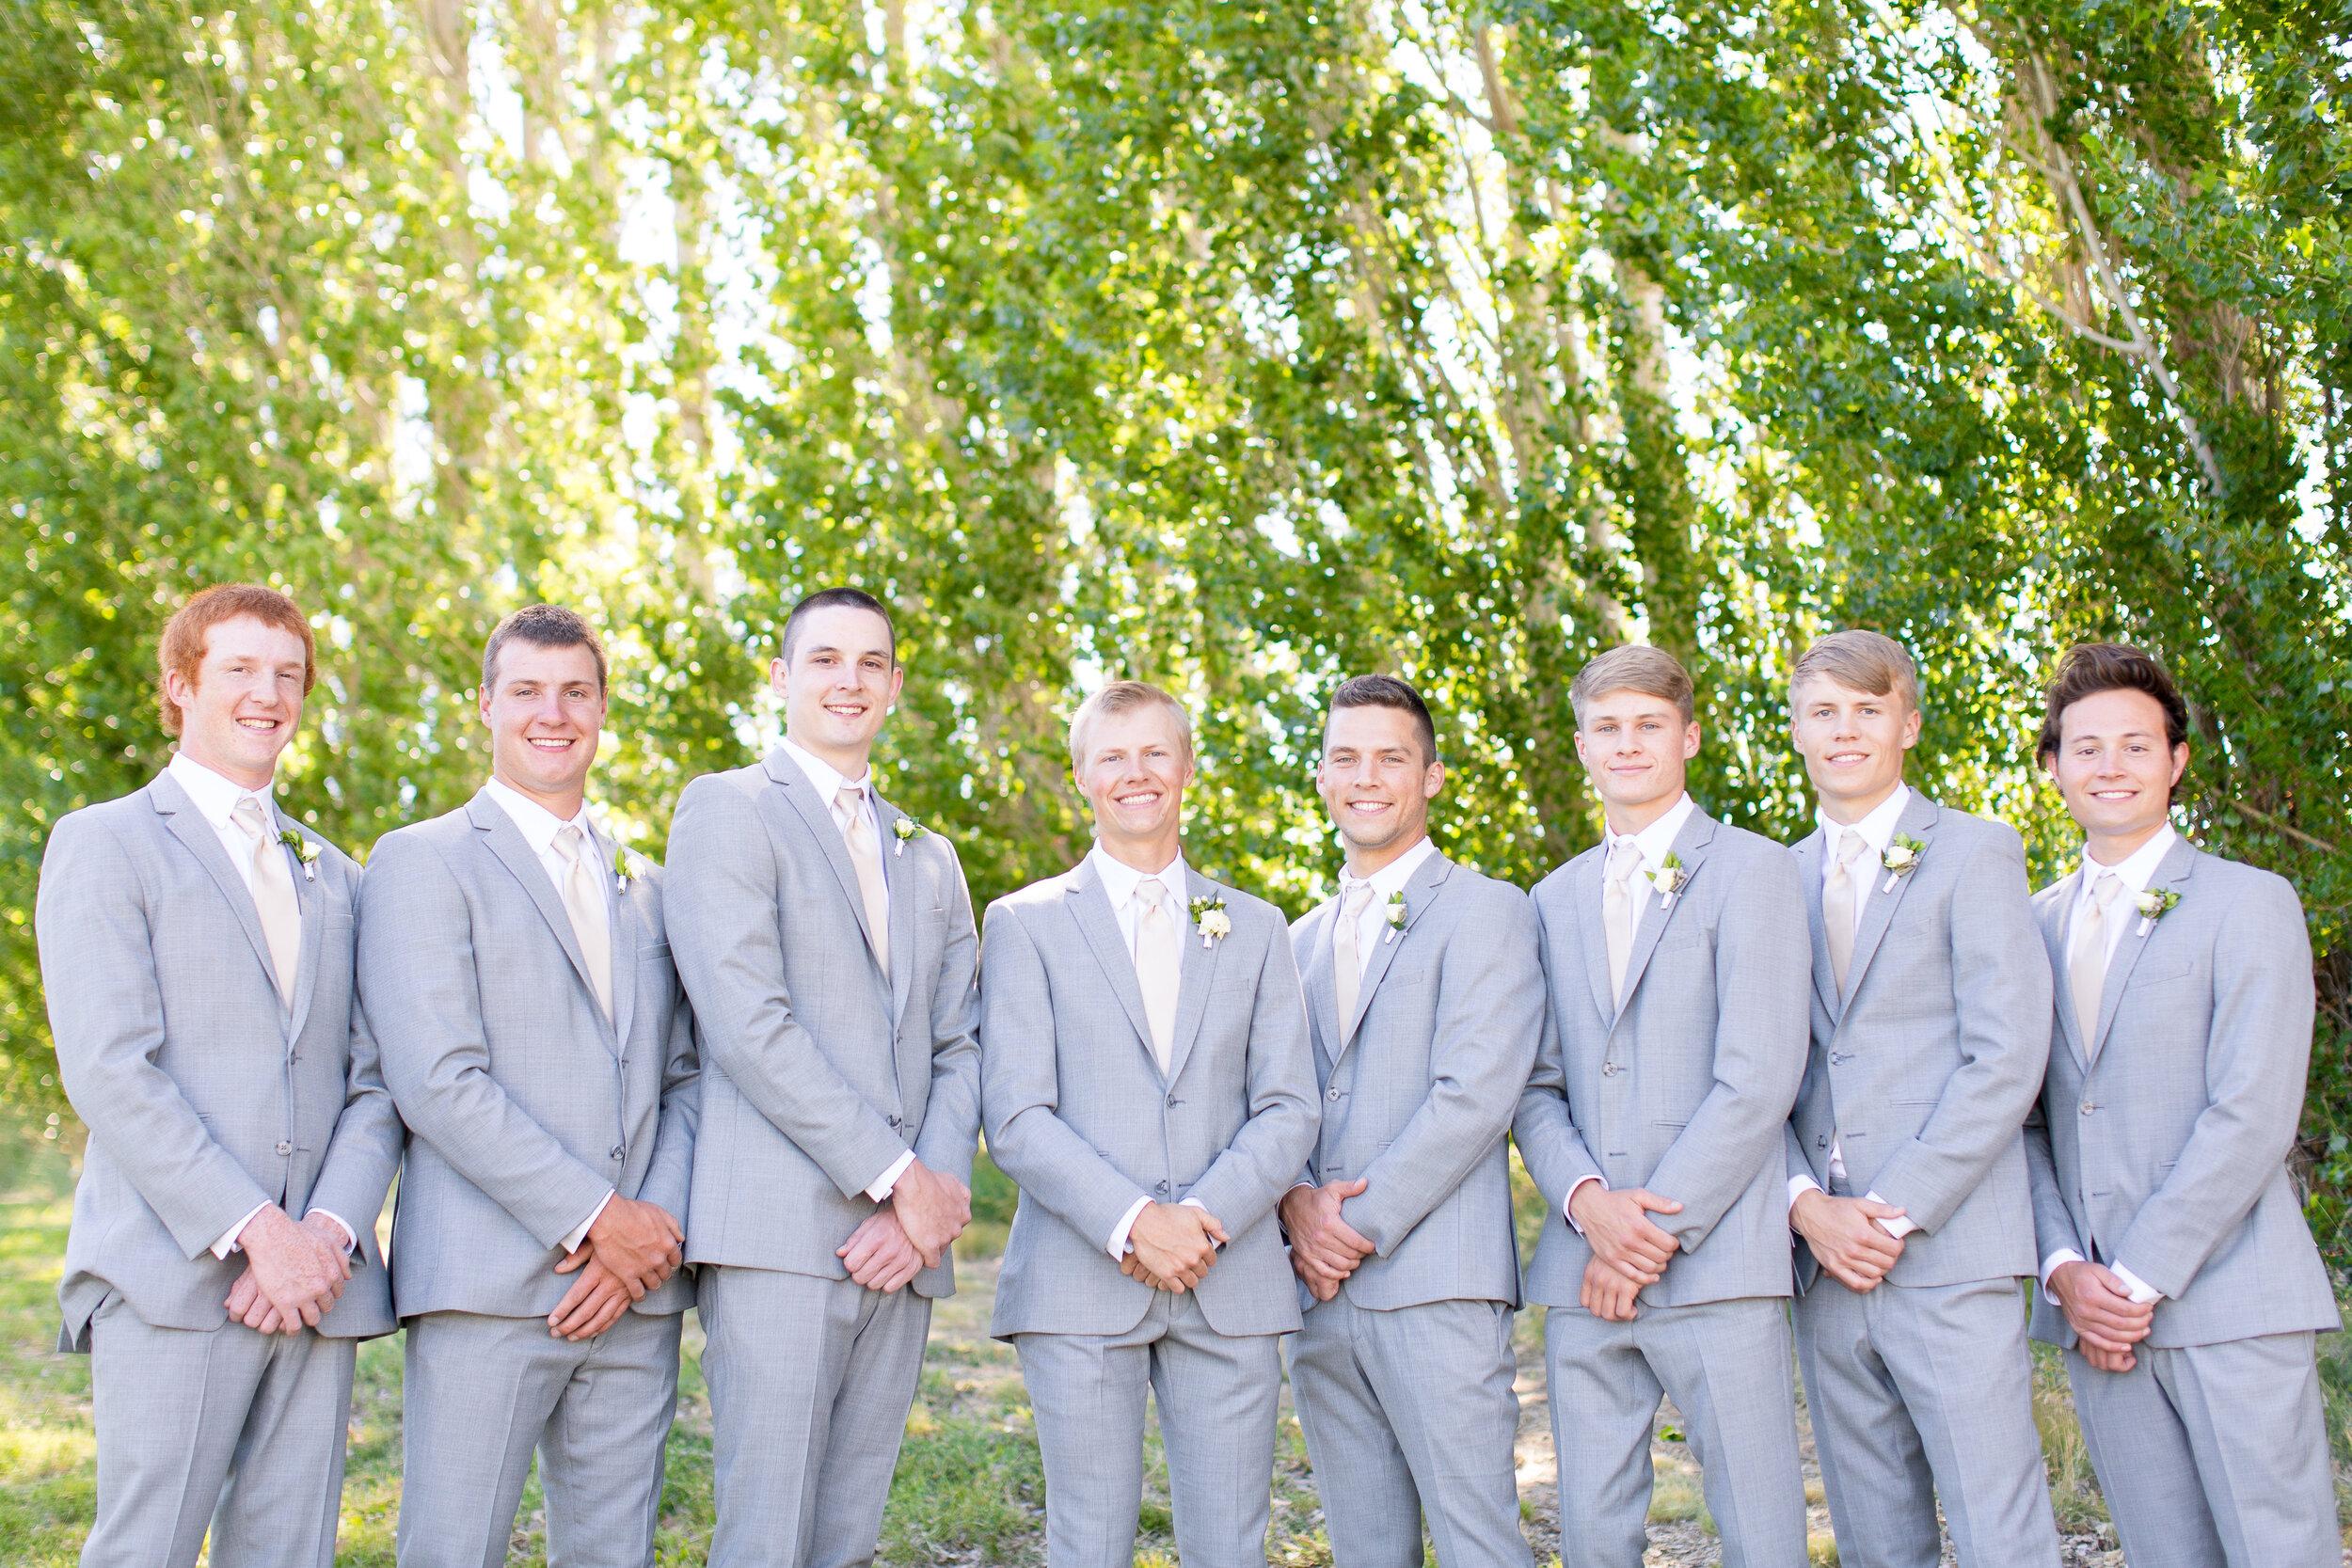 spokane groomsmen wedding